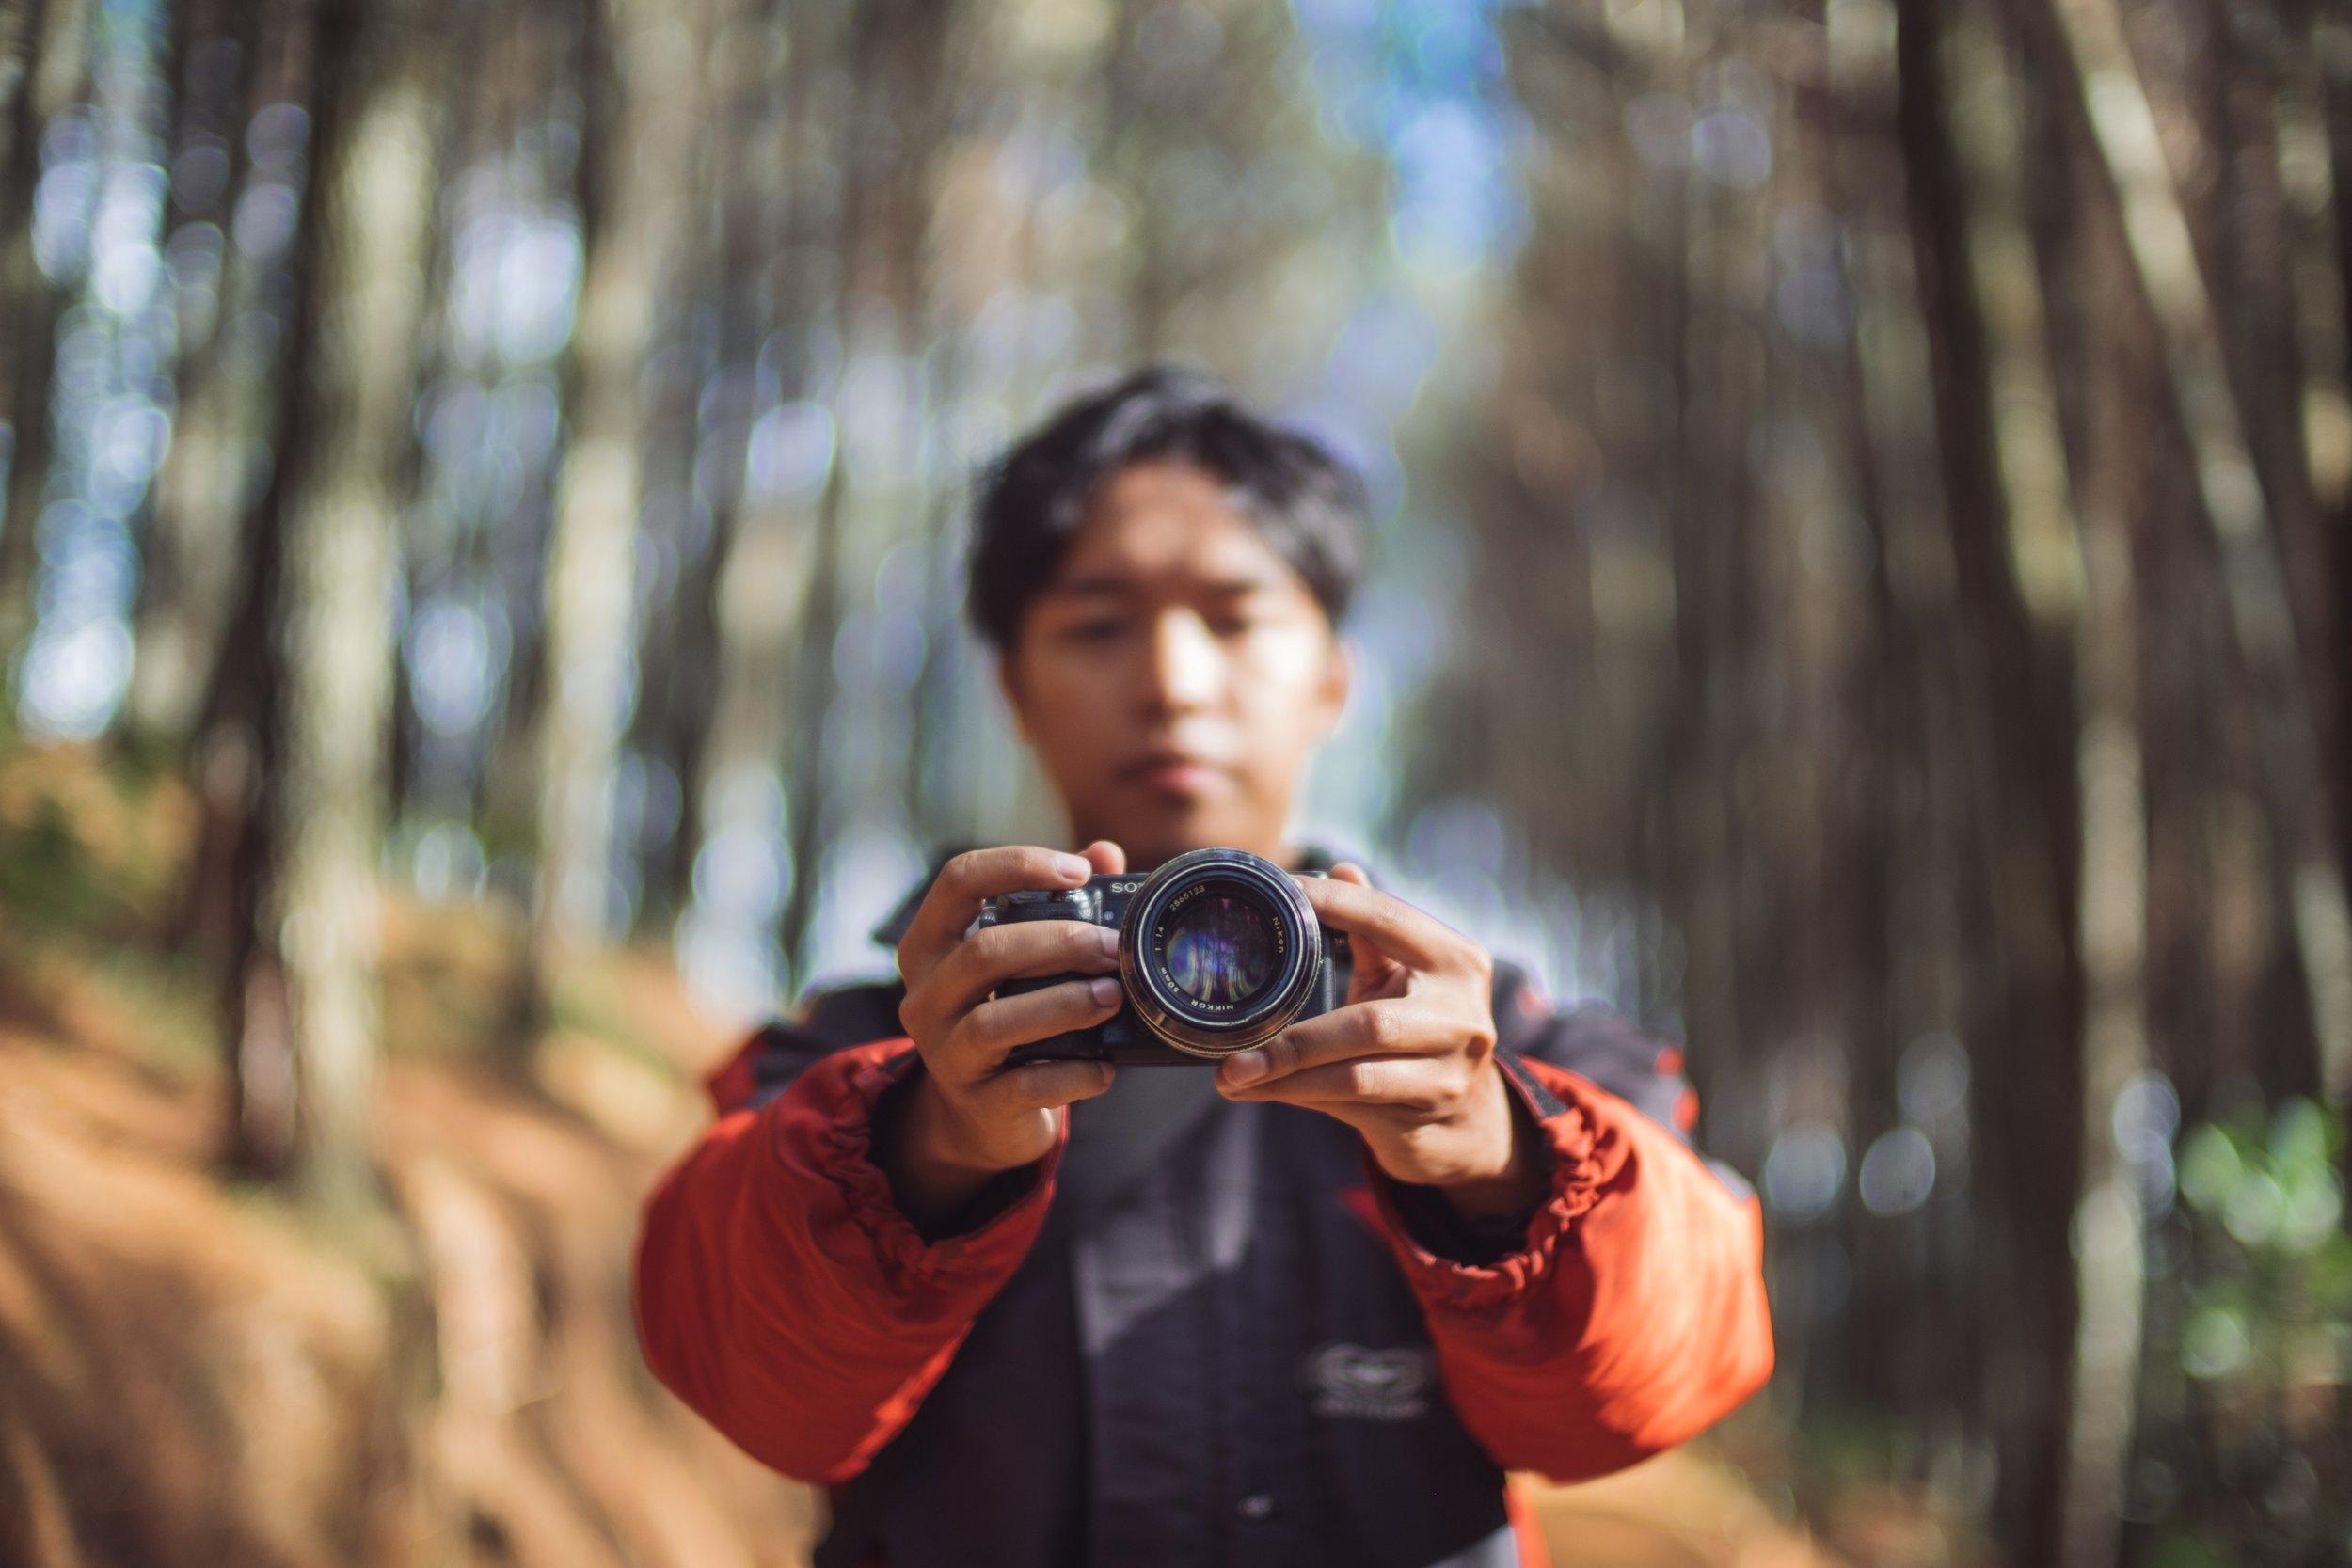 Photo by  bady qb  on  Unsplash